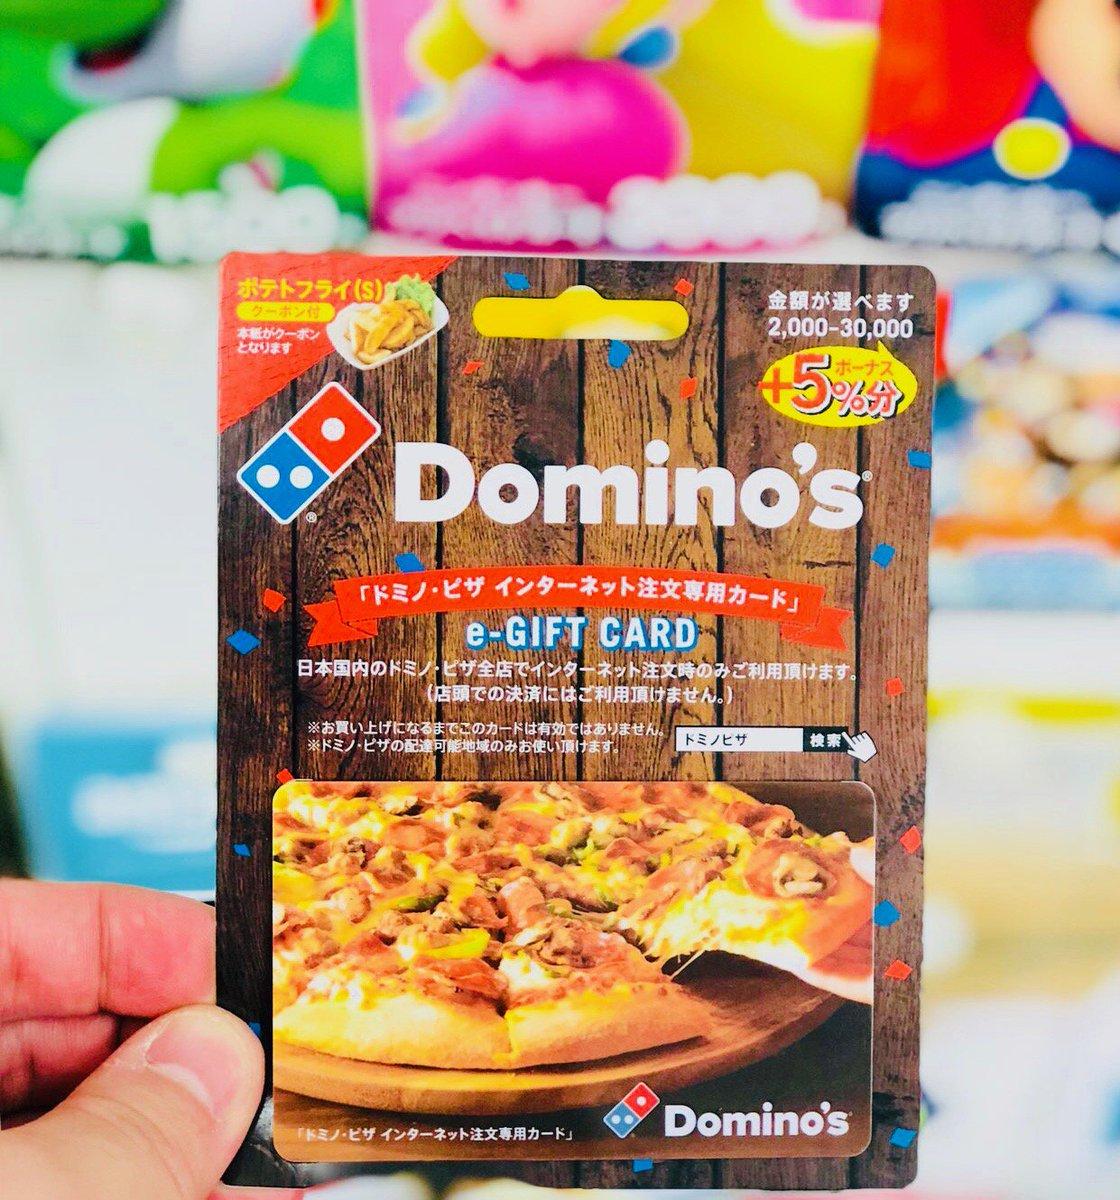 エリア 配達 ドミノ ピザ